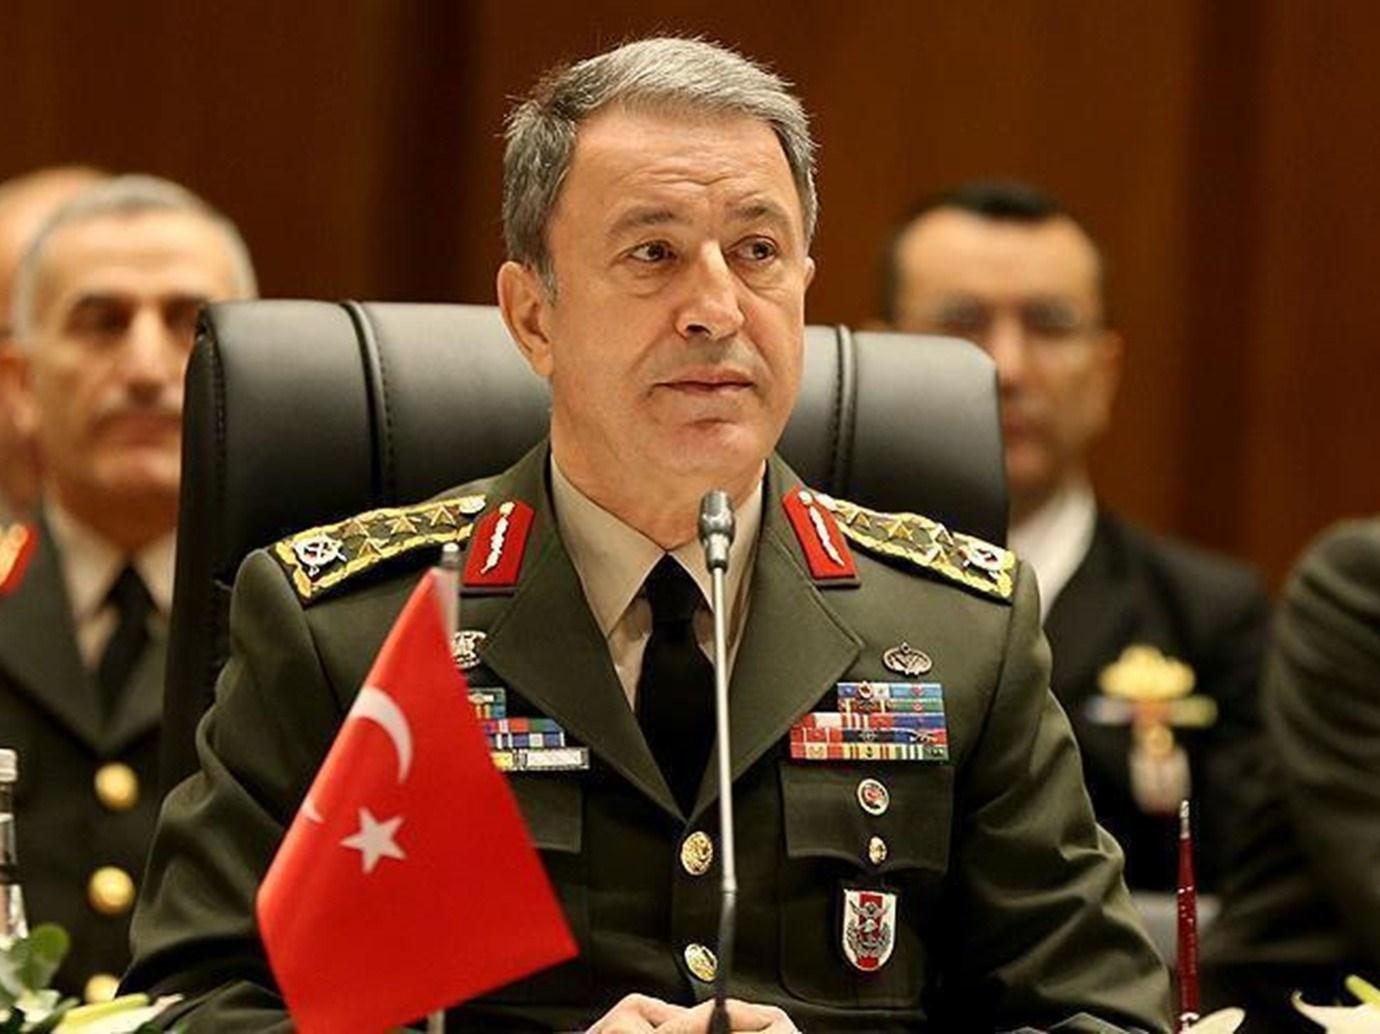 أكار يأمل بتحقيق سلام دائم في كاراباخ عبر المركز الروسي التركي المشترك